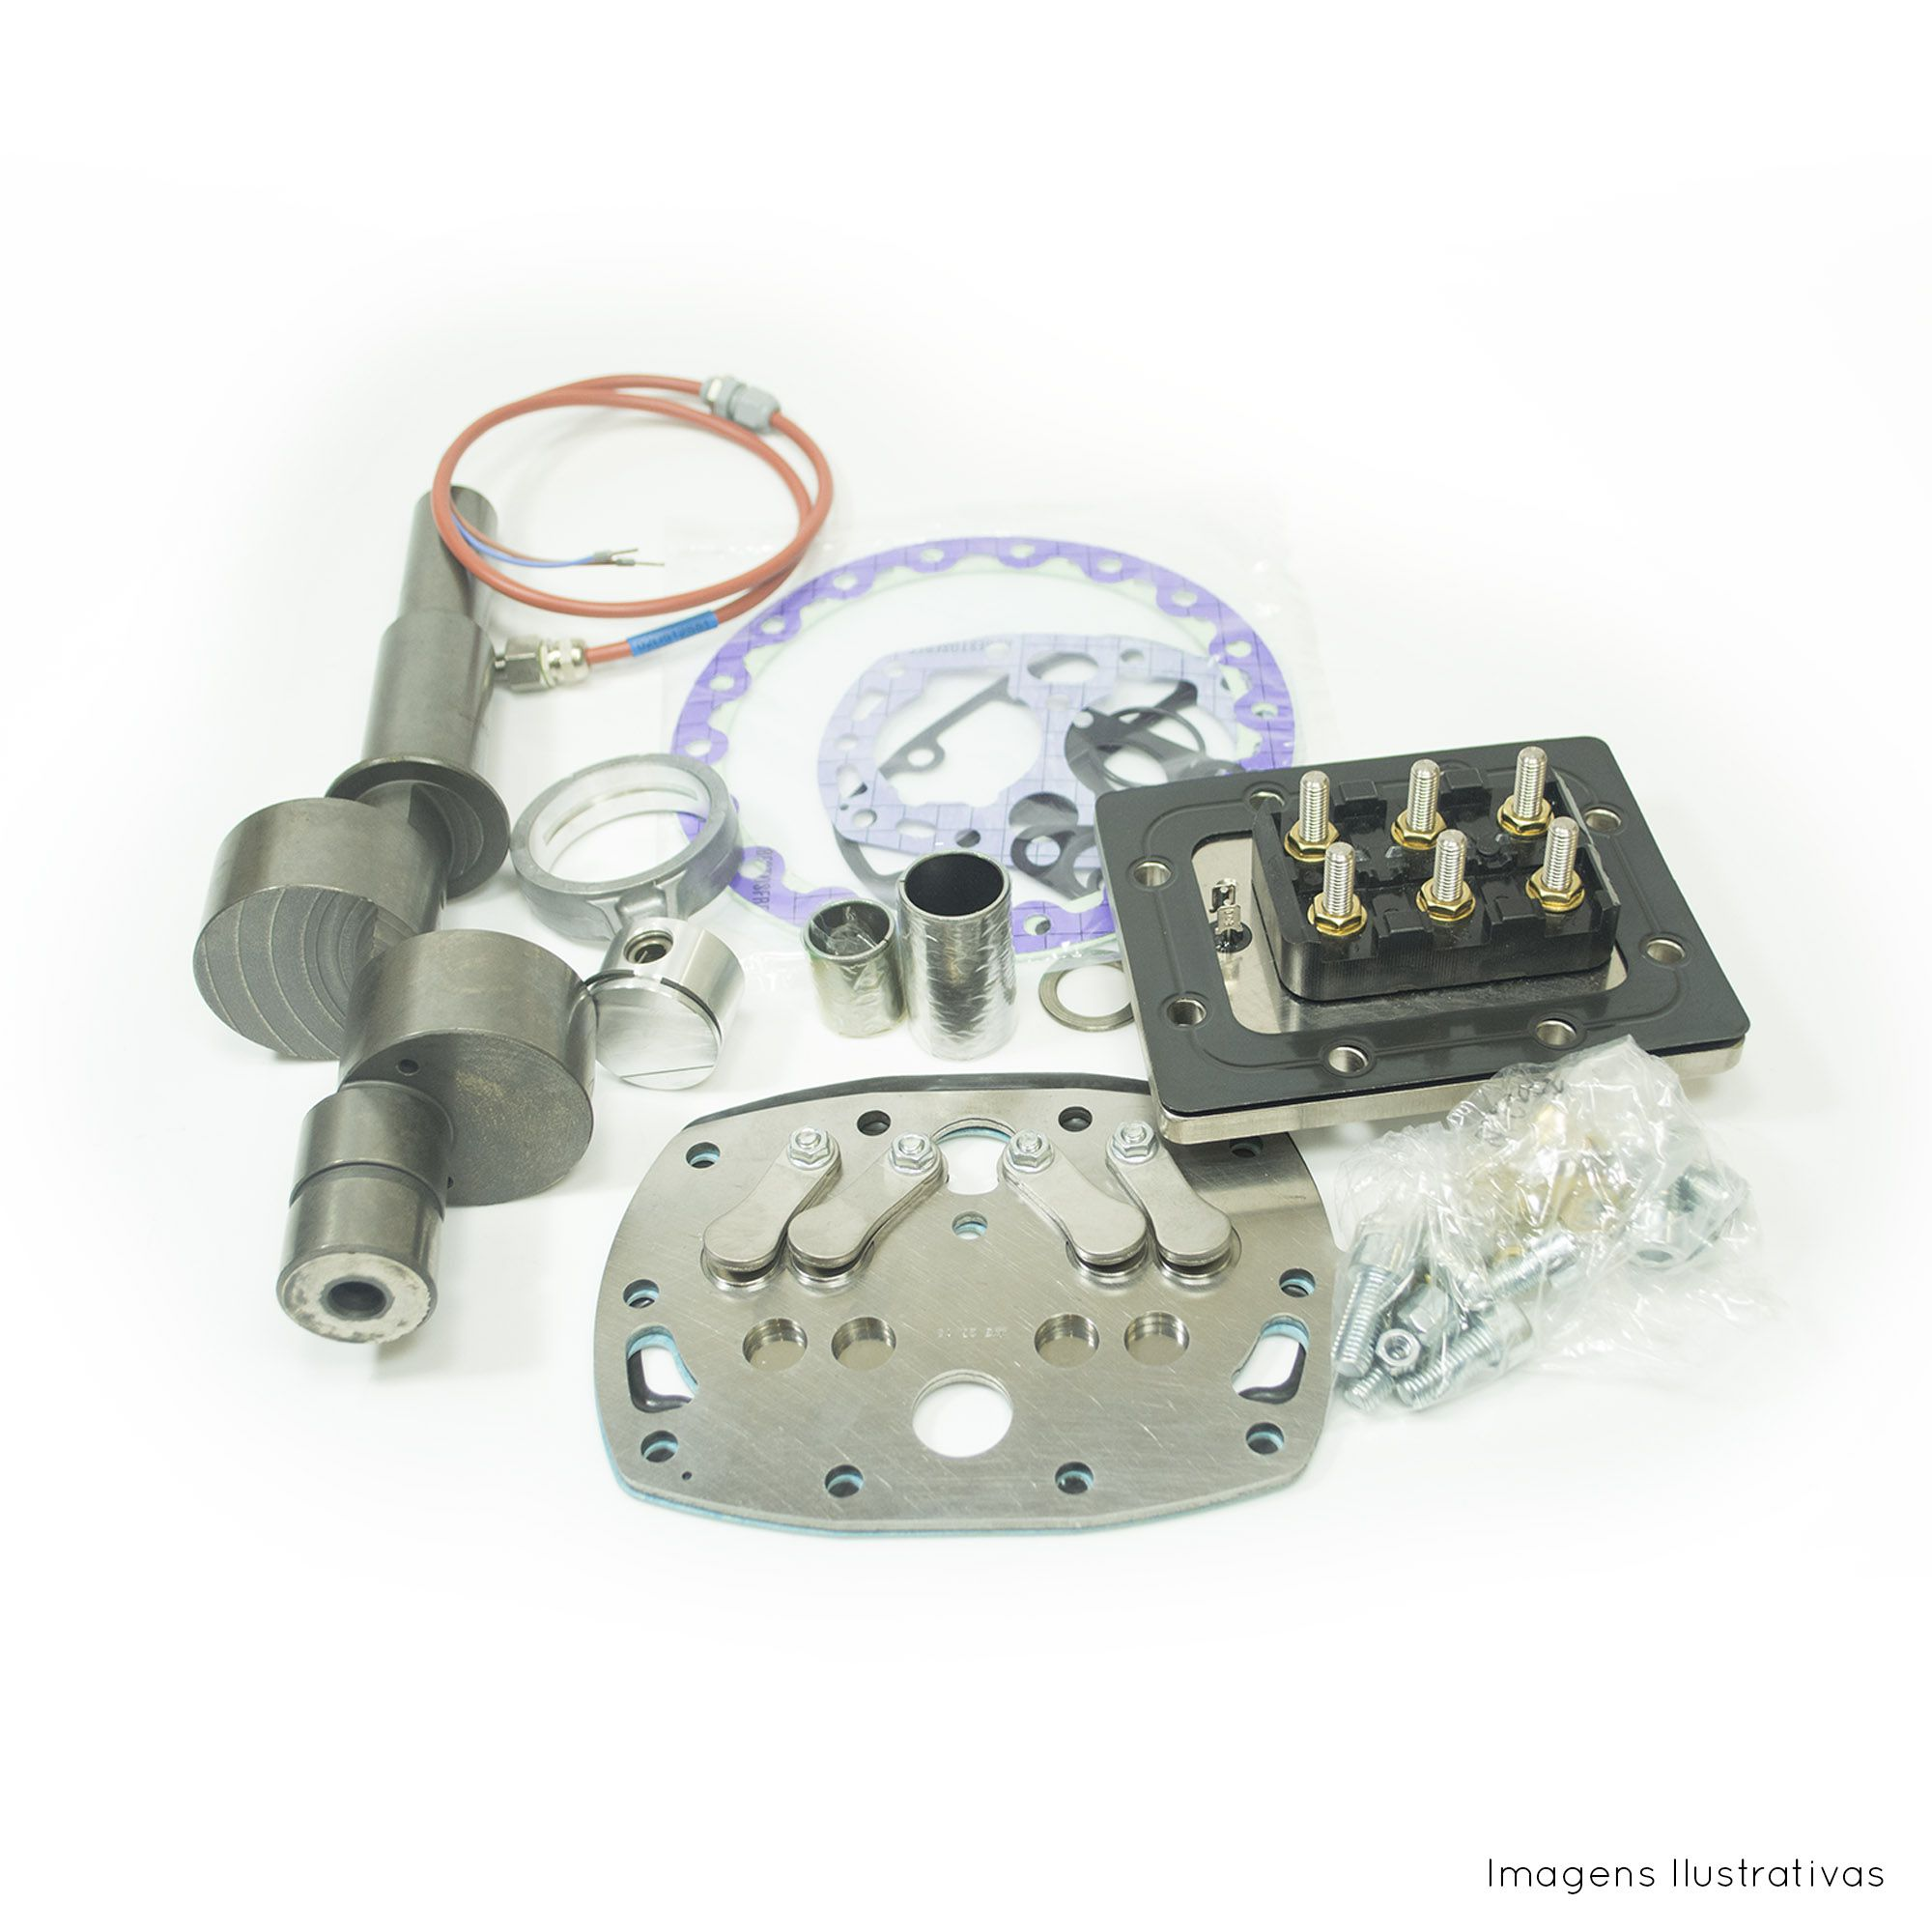 Kit Caixa Elétrica 900-10512